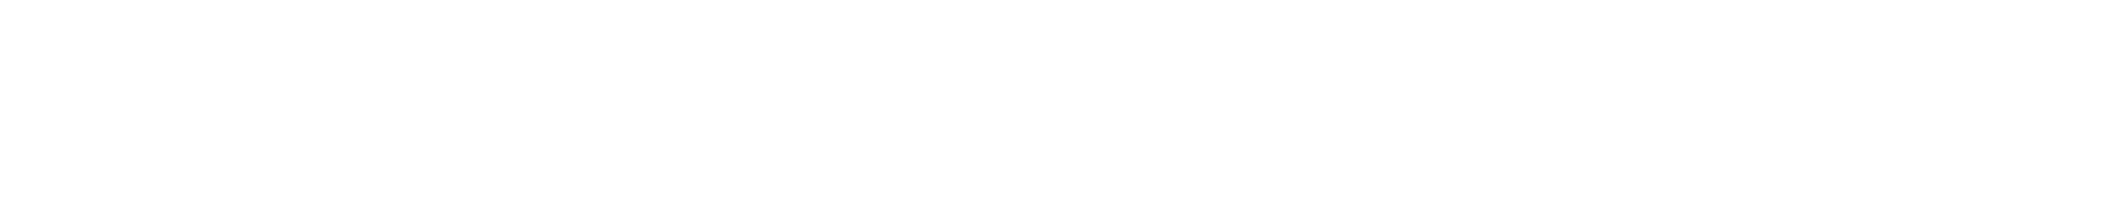 hum-closen logo white-01 (1).png